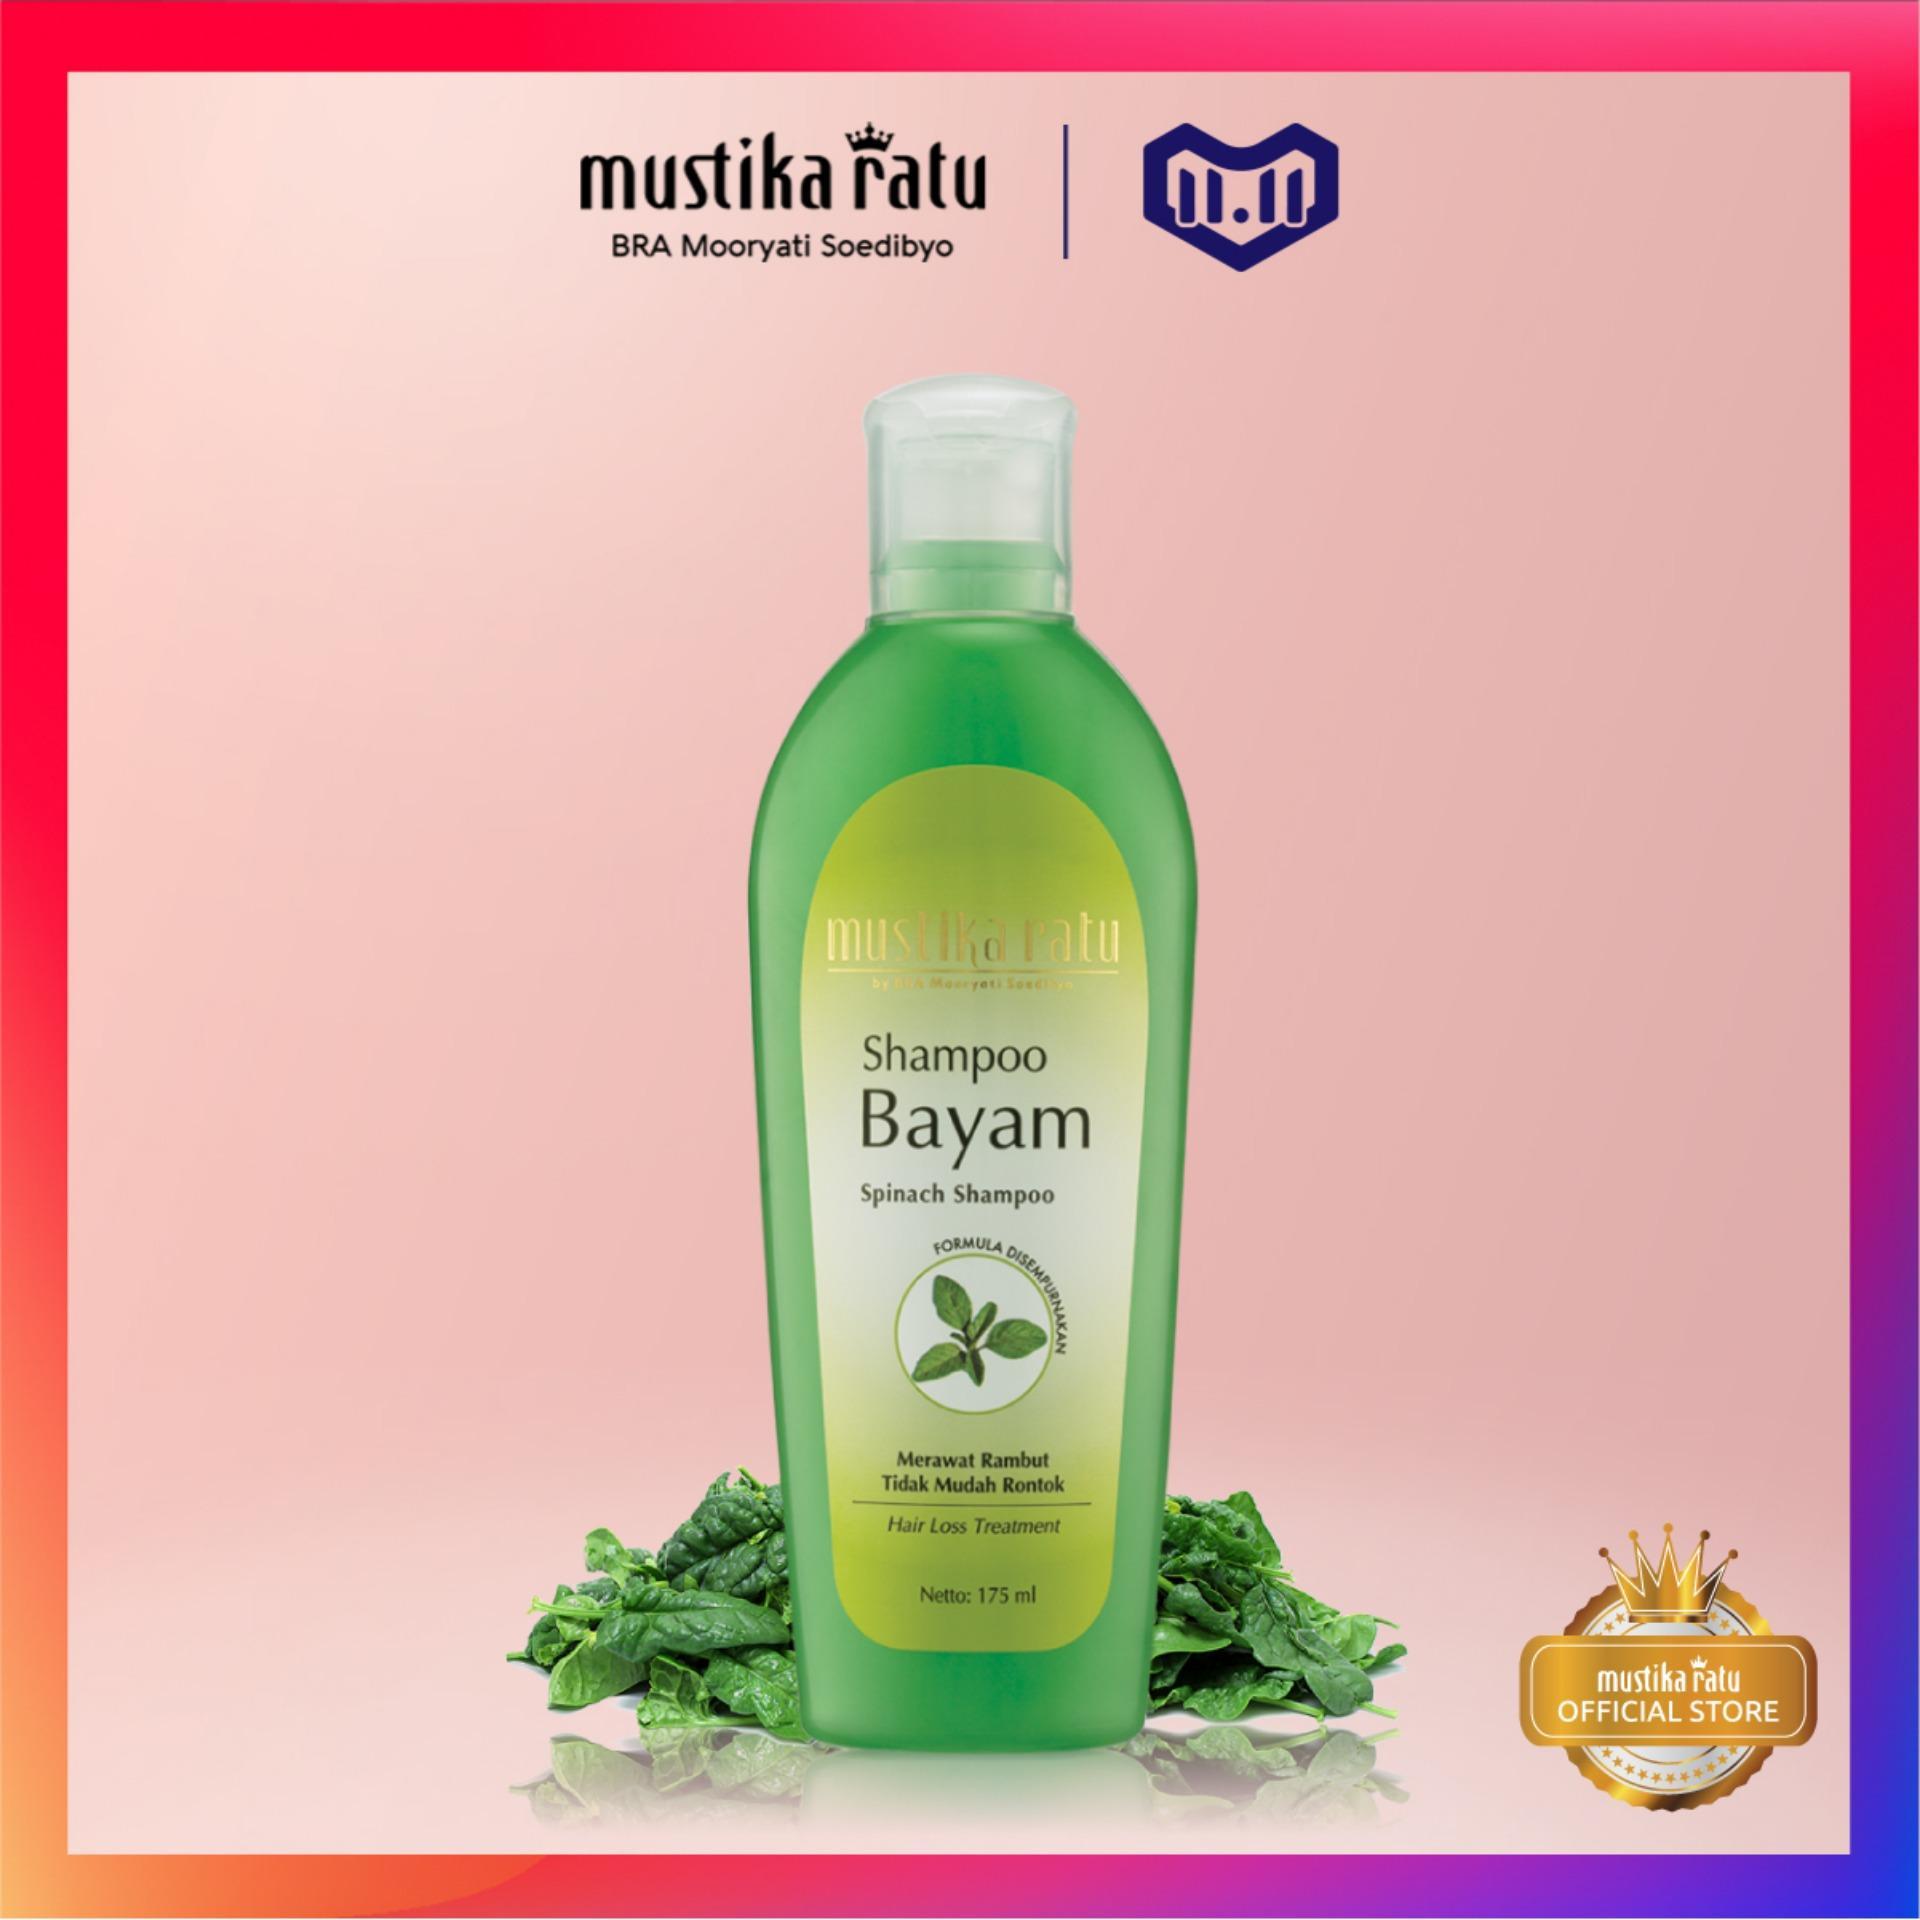 Mustika Ratu Shampoo Bayam 175 ml Perawatan Rambut Shampo Menguatkan Mengatasi Kerontokan